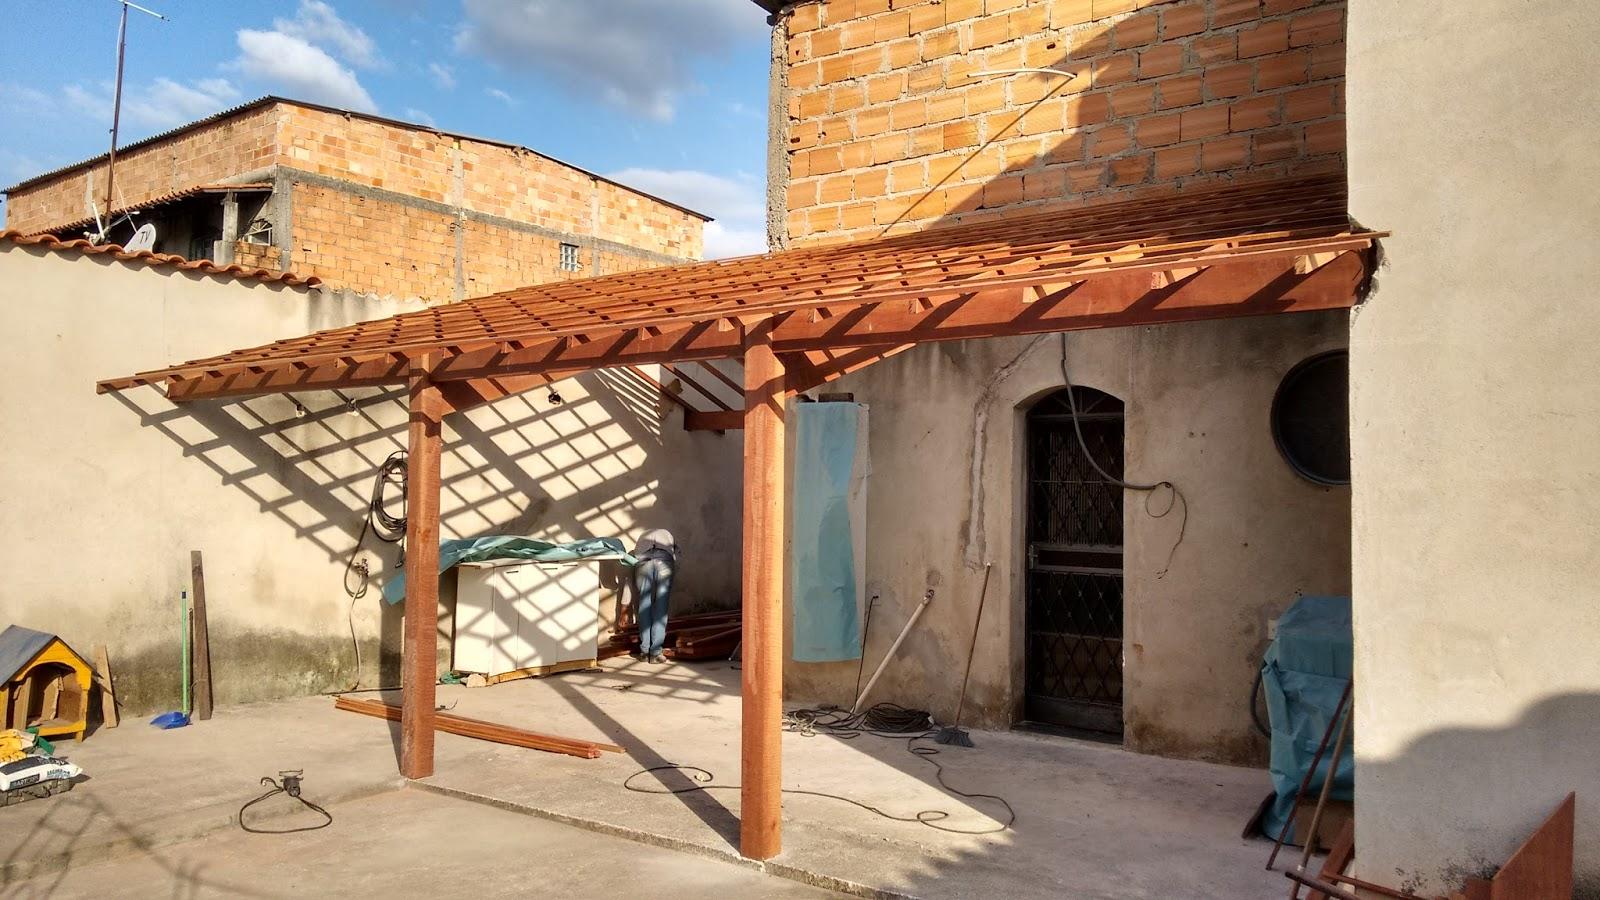 Conhecido Artmetais Calhas e Telhados: Telhado Colonial Com telhas Americanas VG41